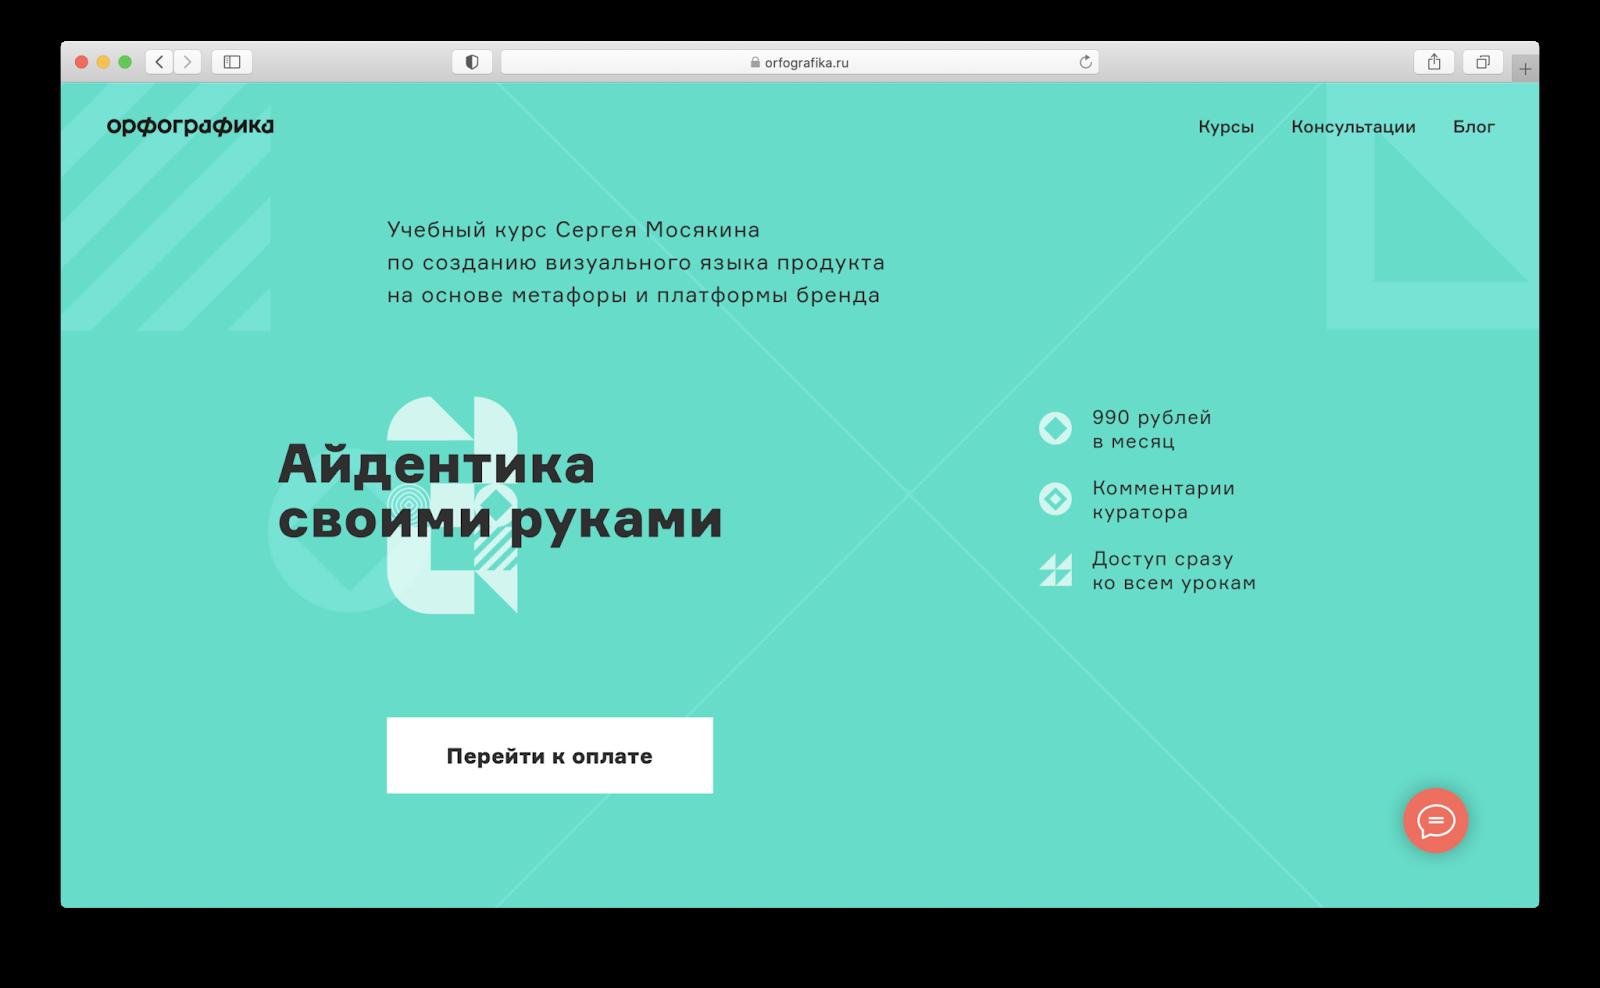 Логотип, фирменный стиль и айдентика своими руками — сделай проект по брифу с новыми навыками и более глубокой работой с ЦА